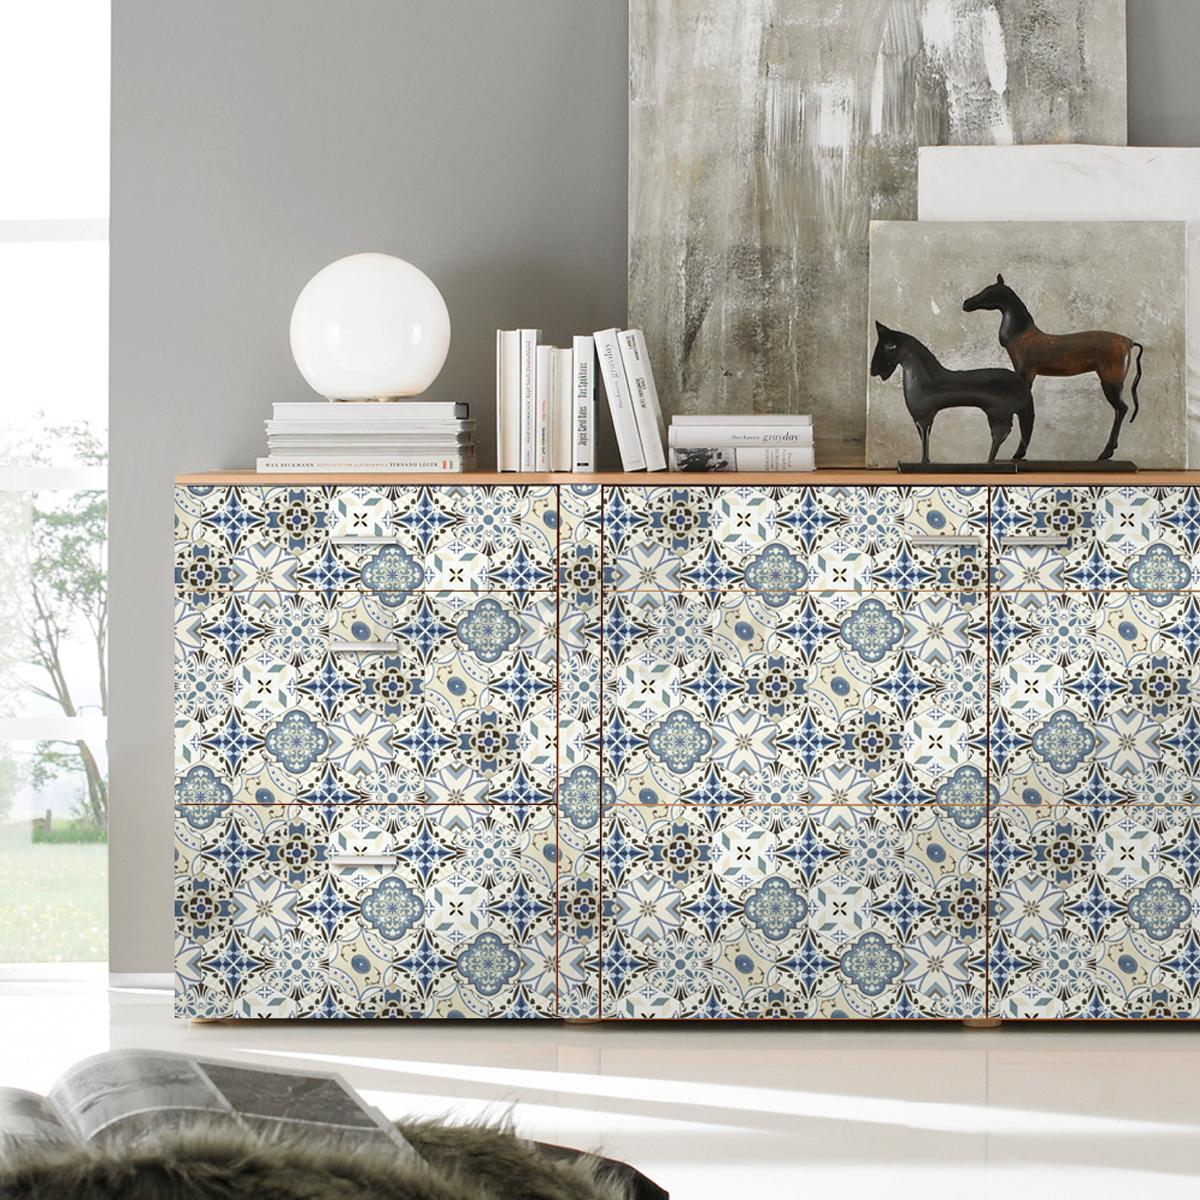 500x20cm 3d pvc piastrelle tile wall sticker cucina bagno - Piastrelle muro cucina ...